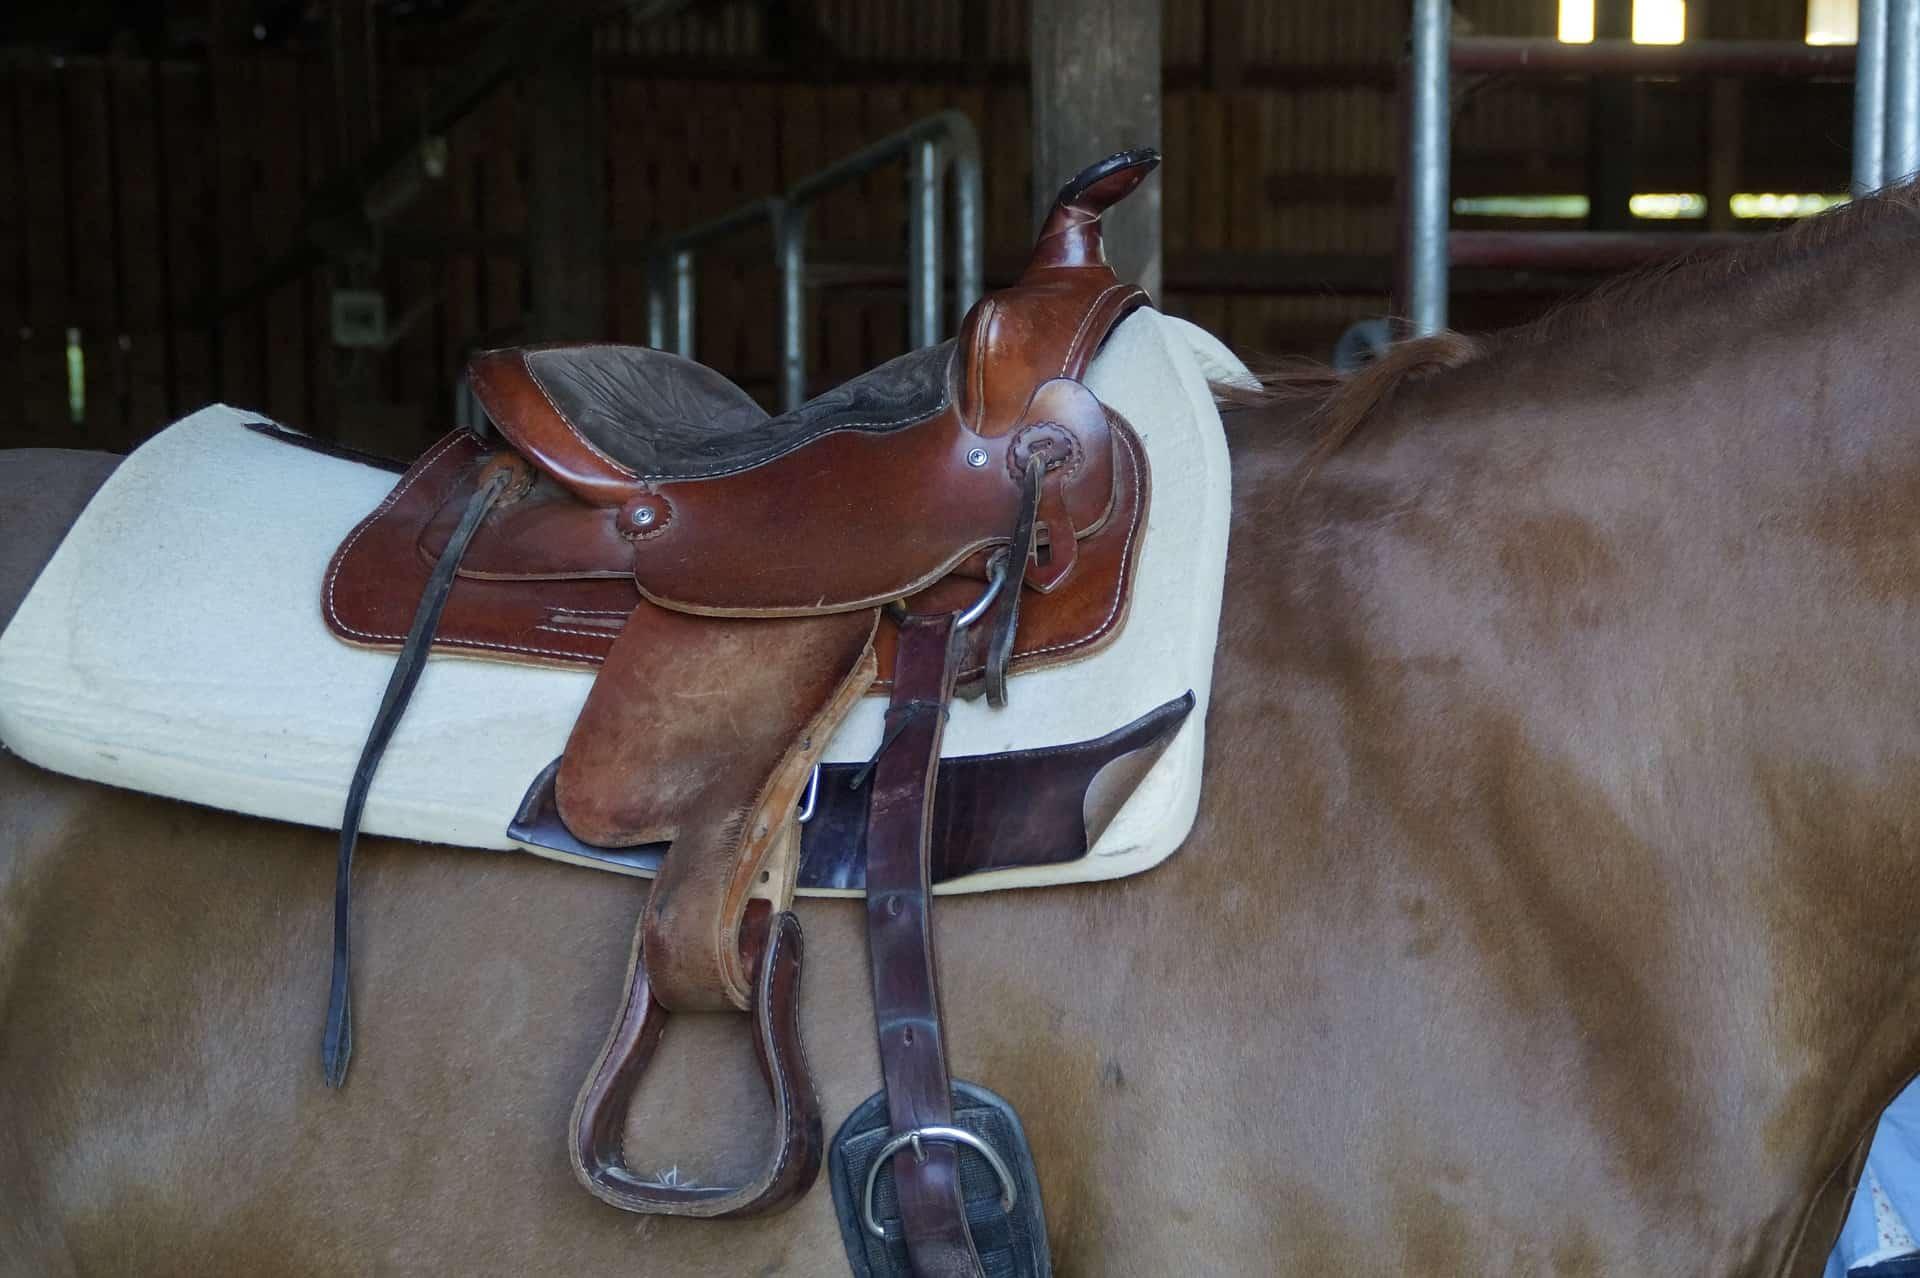 Basic Horse Riding Equipment For Beginners